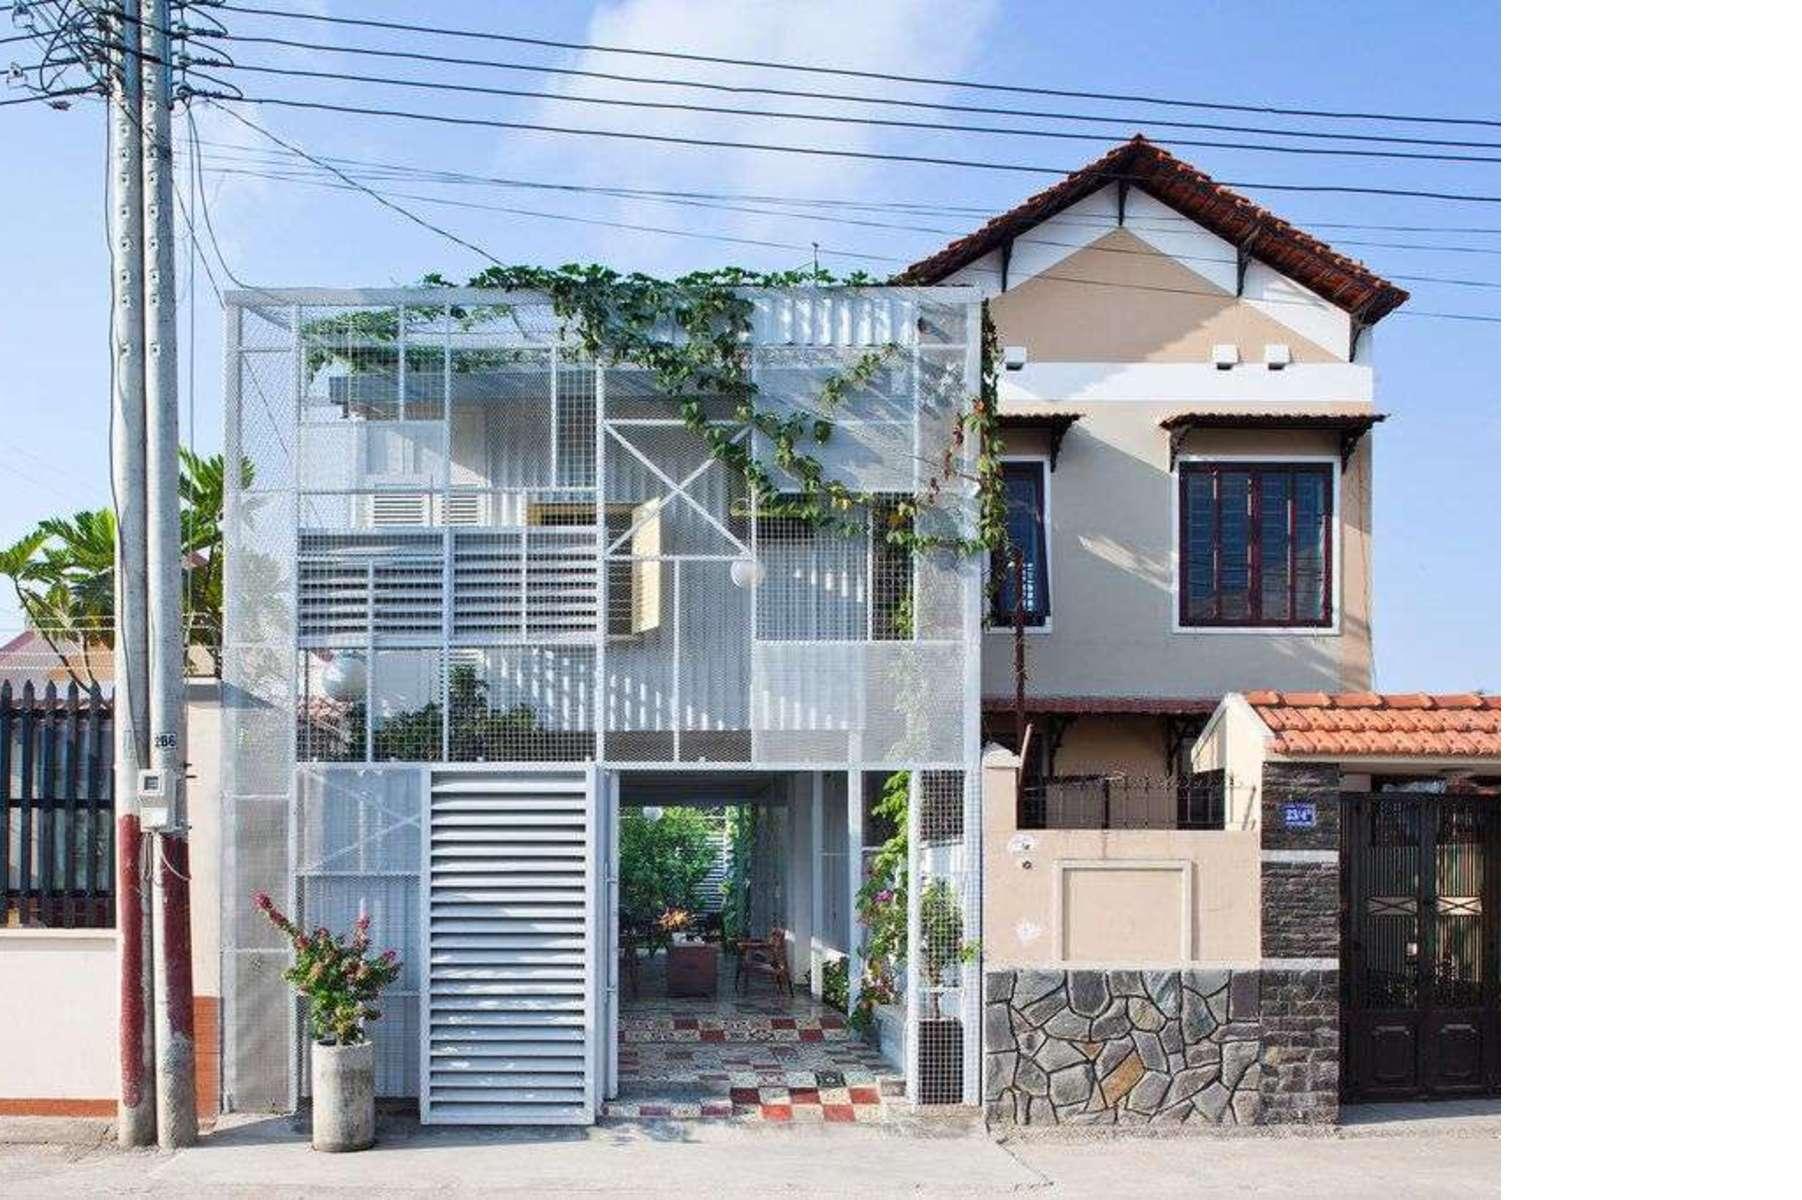 Dorable Außen Haus Entwirft Bilder Mold - Wohndesign Bilder und ...